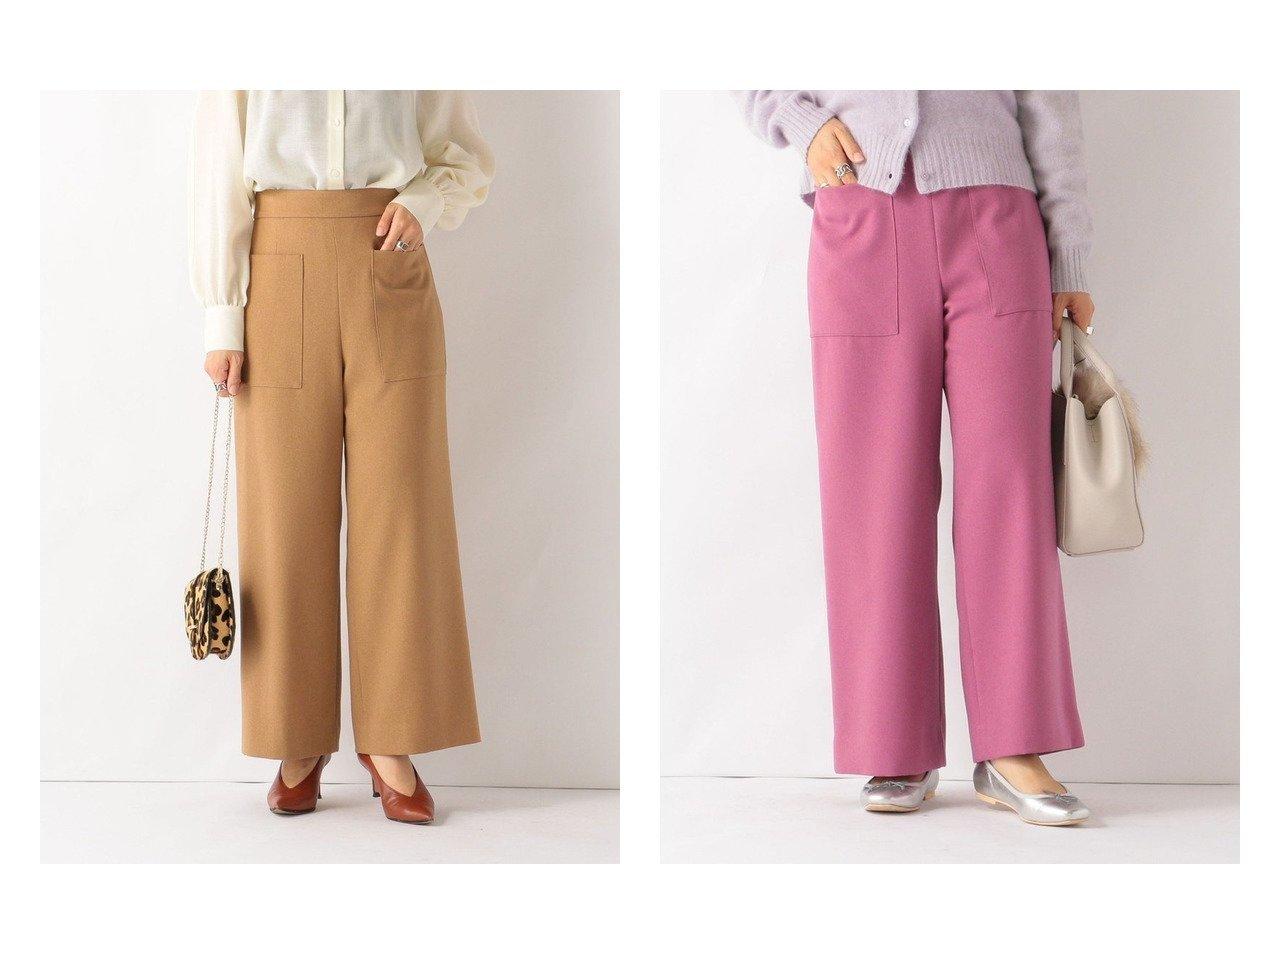 【SHIPS any/シップス エニィ】のSHIPS any ストレートポケットパンツ パンツのおすすめ!人気、トレンド・レディースファッションの通販 おすすめで人気の流行・トレンド、ファッションの通販商品 メンズファッション・キッズファッション・インテリア・家具・レディースファッション・服の通販 founy(ファニー) https://founy.com/ ファッション Fashion レディースファッション WOMEN パンツ Pants シンプル ジーンズ ストレート パッチ ポケット リラックス ワイド |ID:crp329100000012856